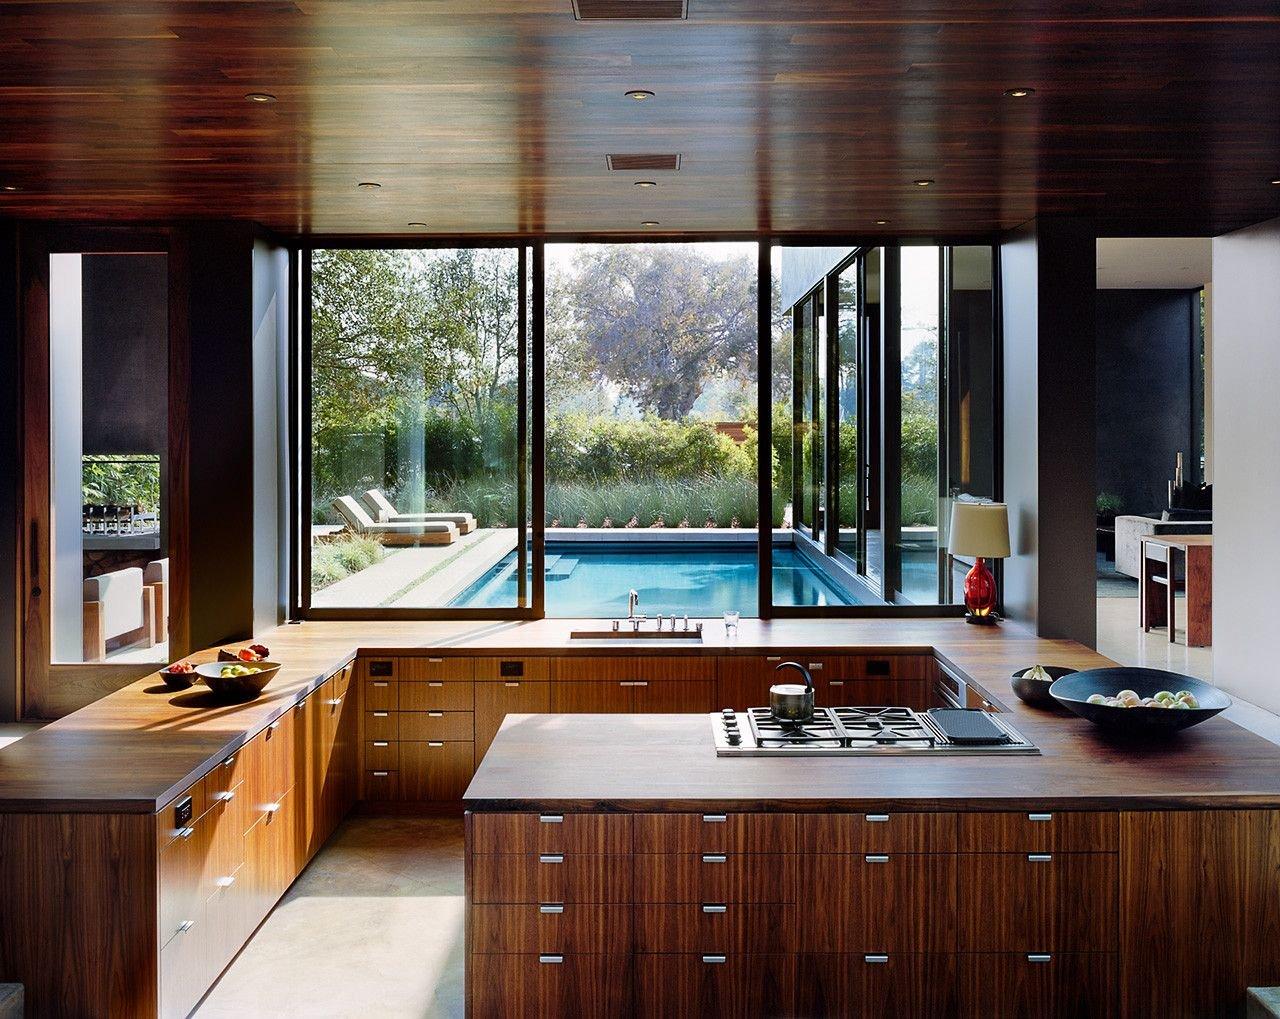 картинки кухни с большим окном кривой, излишняя